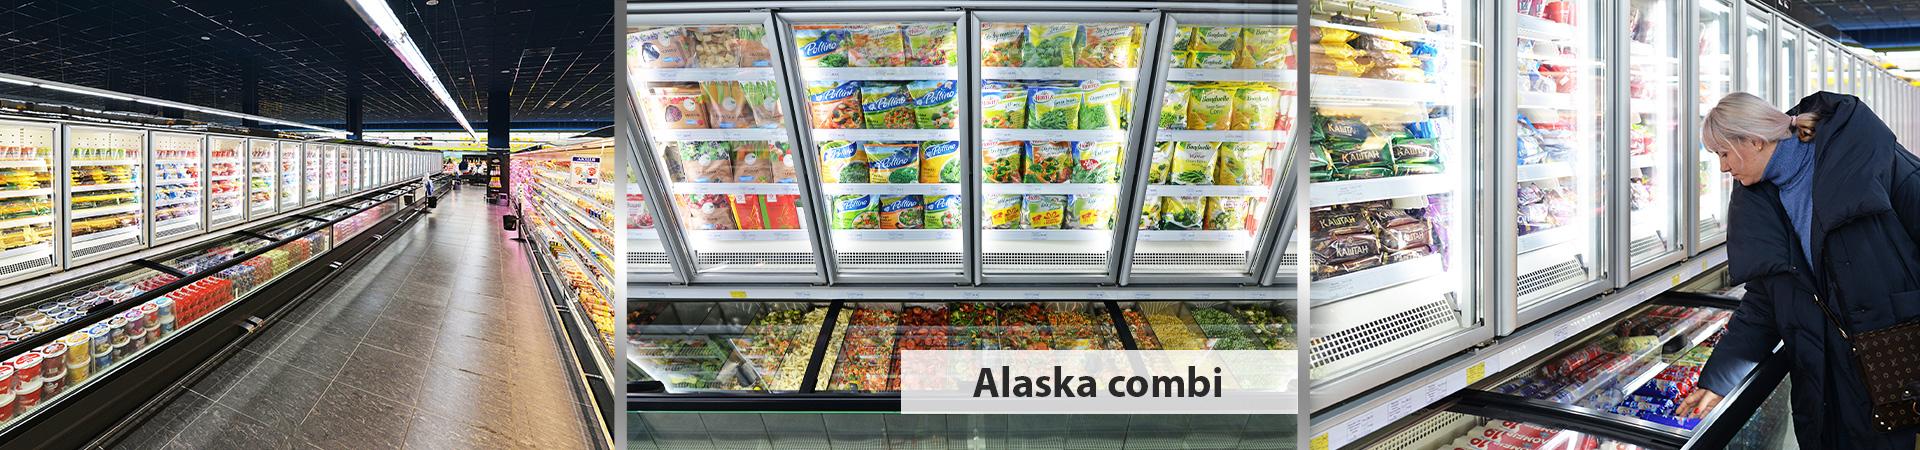 Витрины для замороженных продуктов Alaska combi